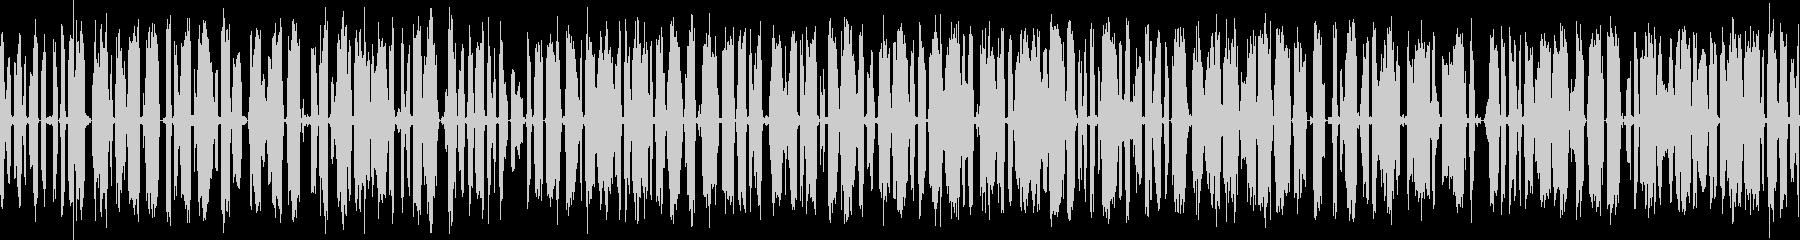 電気・ショート・感電・ビリビリ効果音の未再生の波形